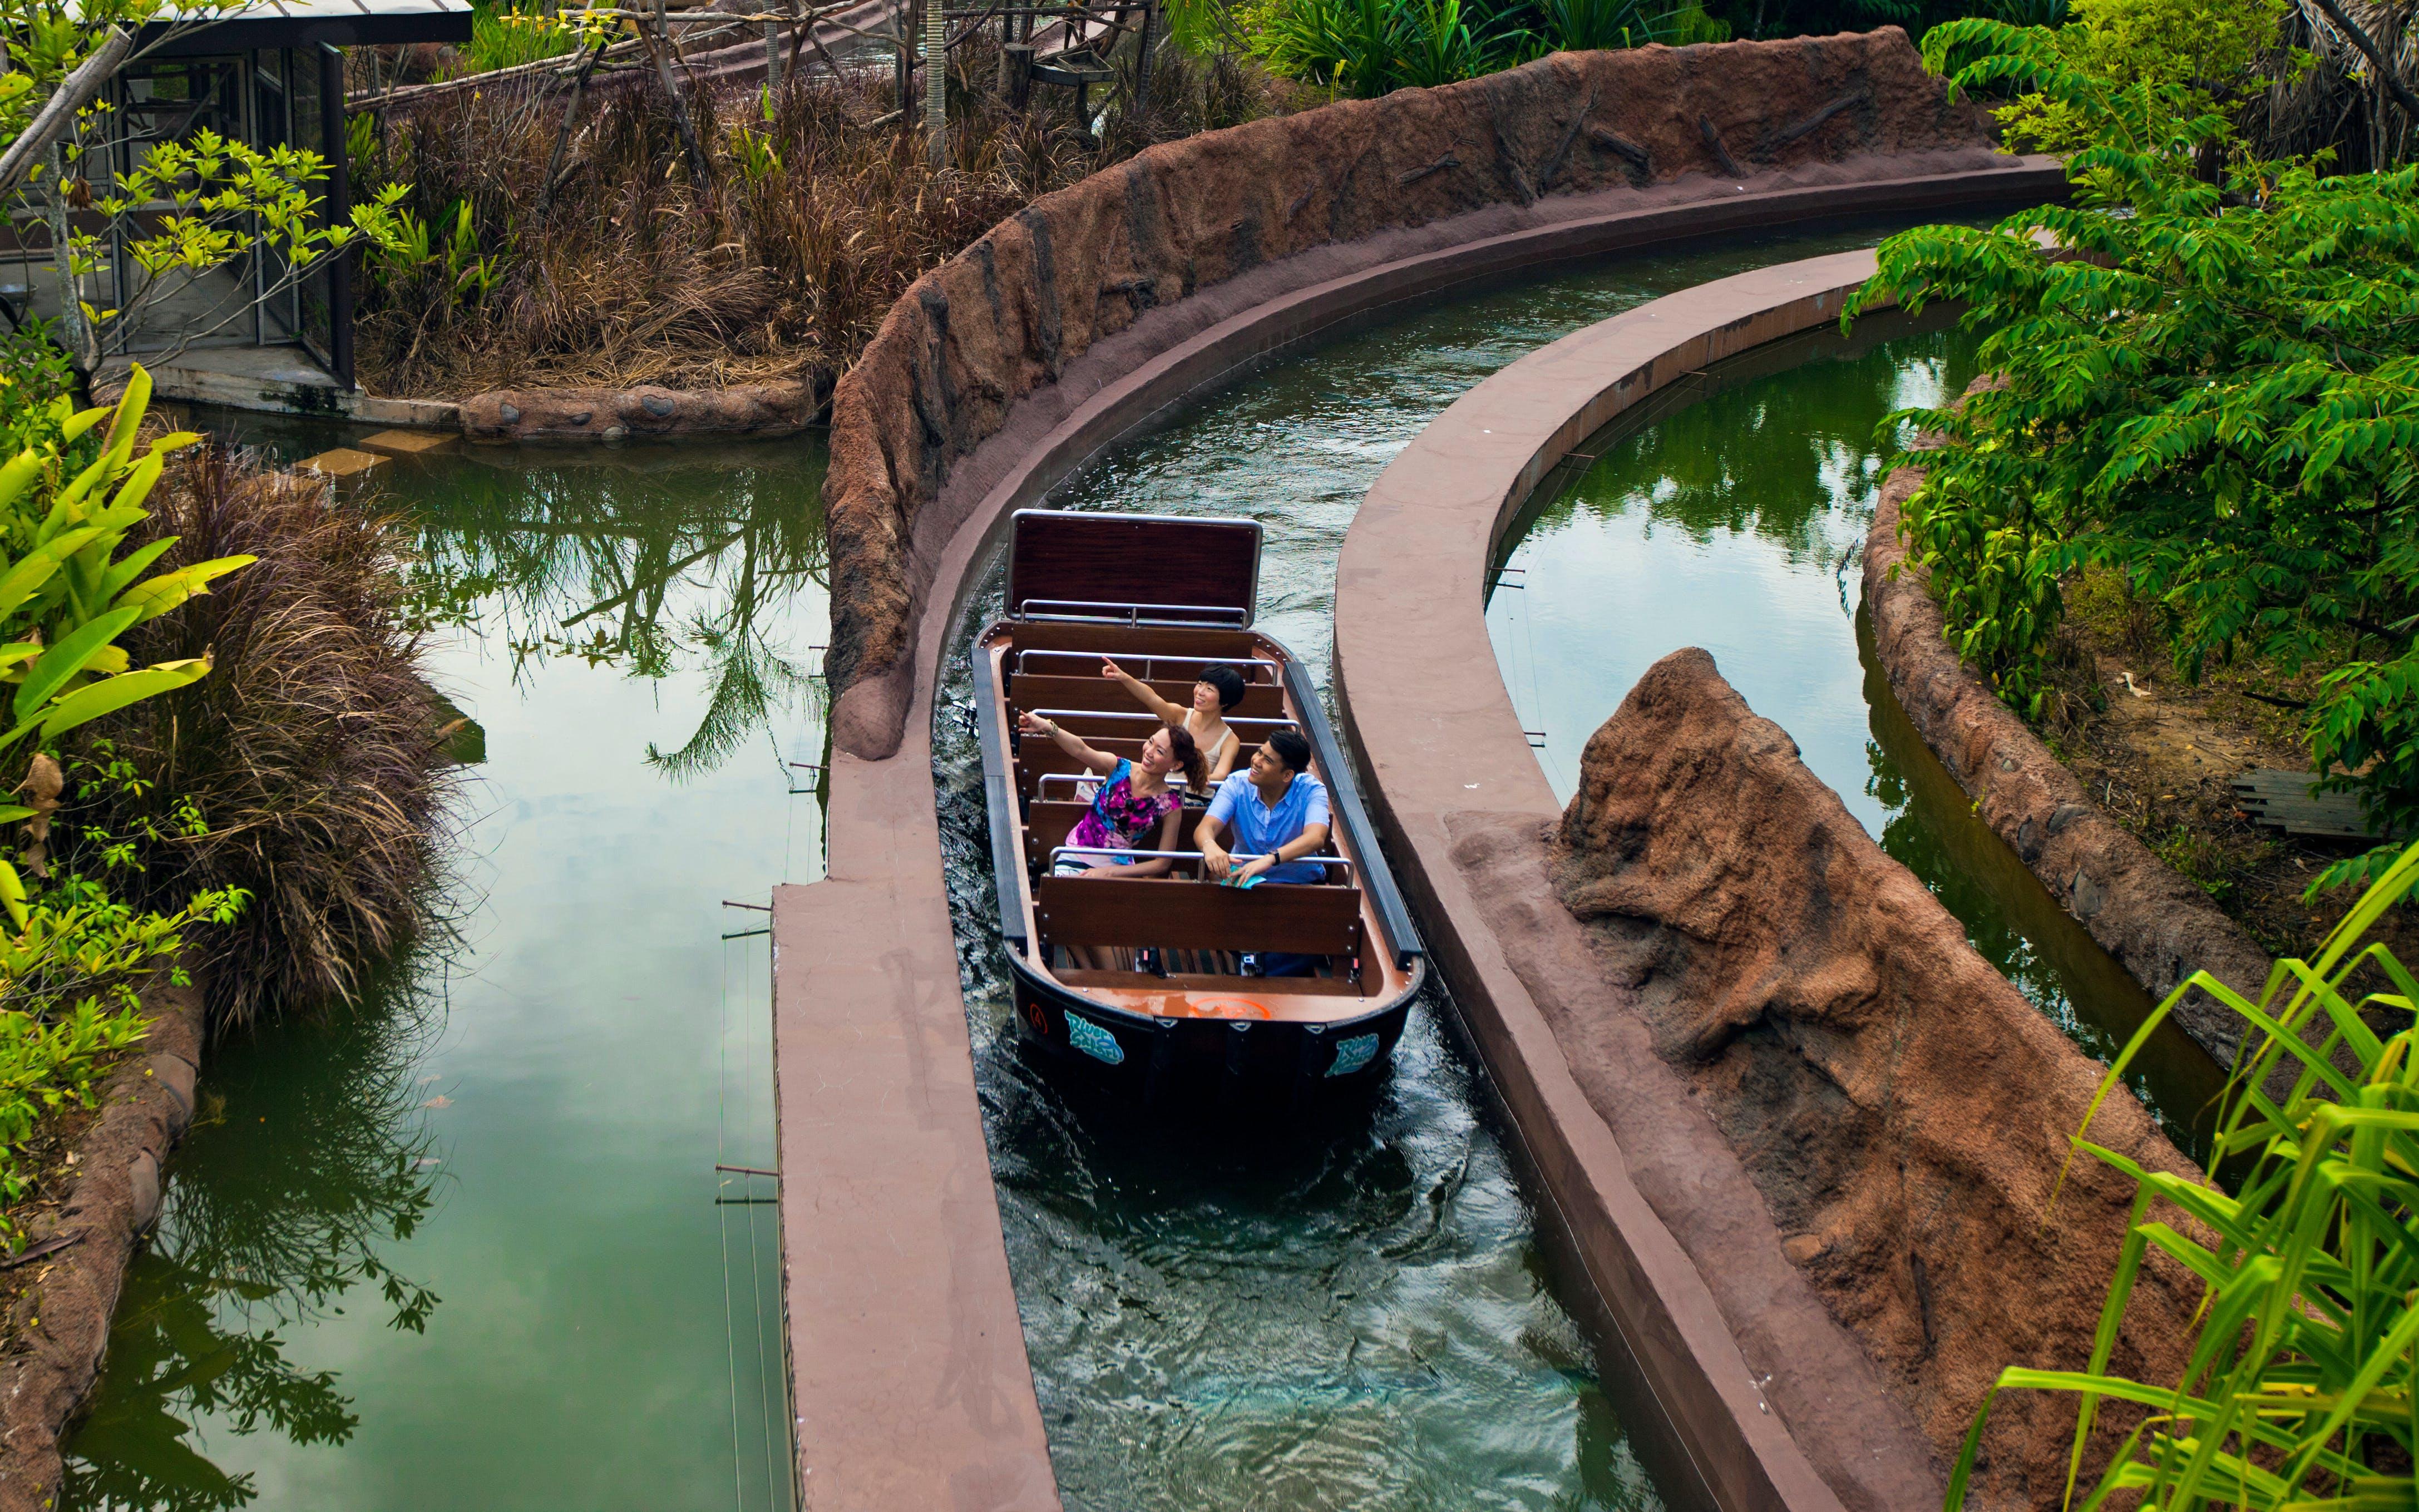 River Safari Singapore: River Safari Tickets with 2 Boat Rides